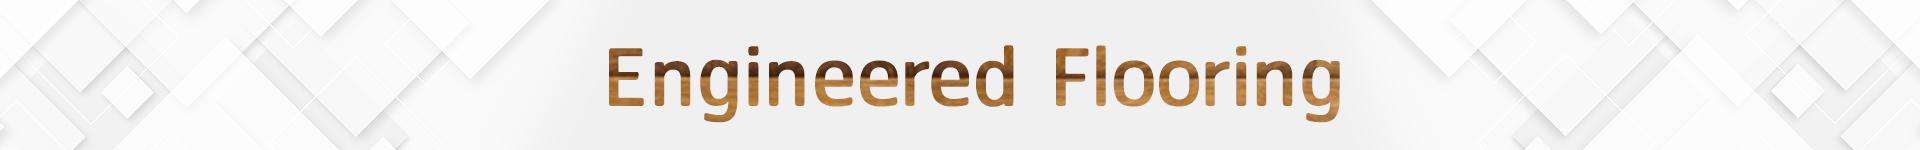 engineered ผนังไม้ พื้นไม้จริง กระเบื้องลายไม้ พื้นไม้ พื้นไวนิล